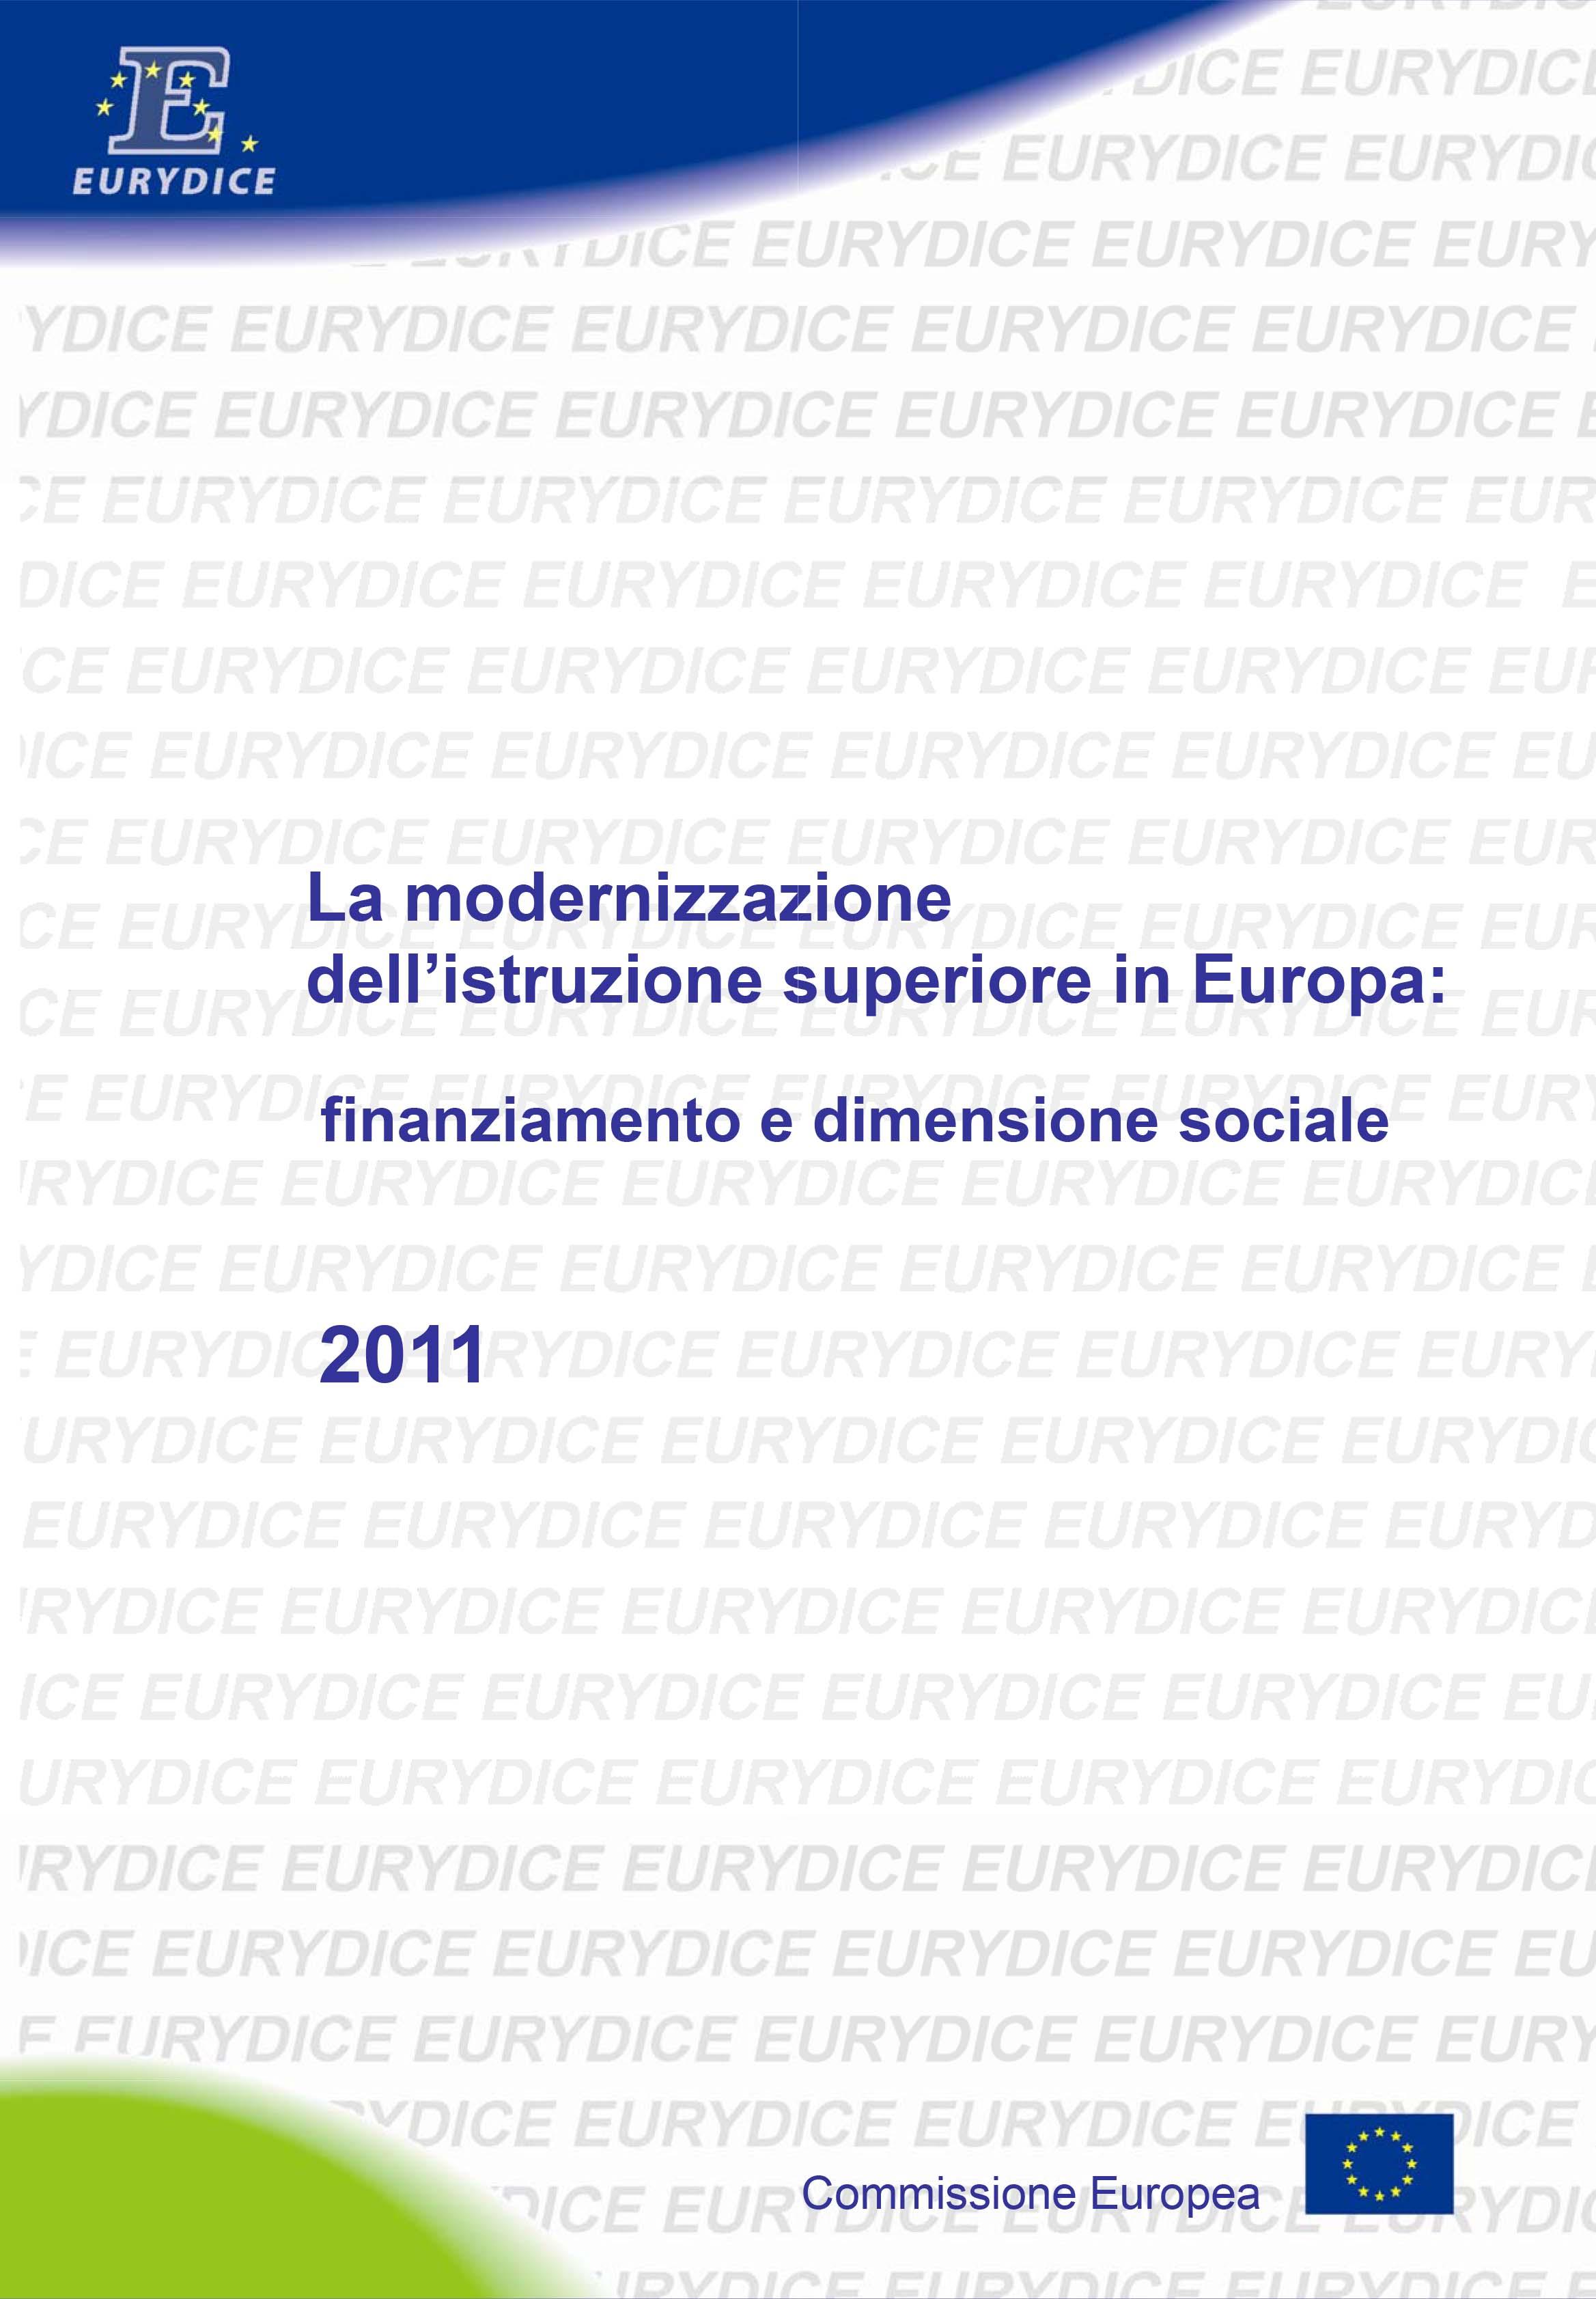 La modernizzazione dell'istruzione superiore in Europa: finanz